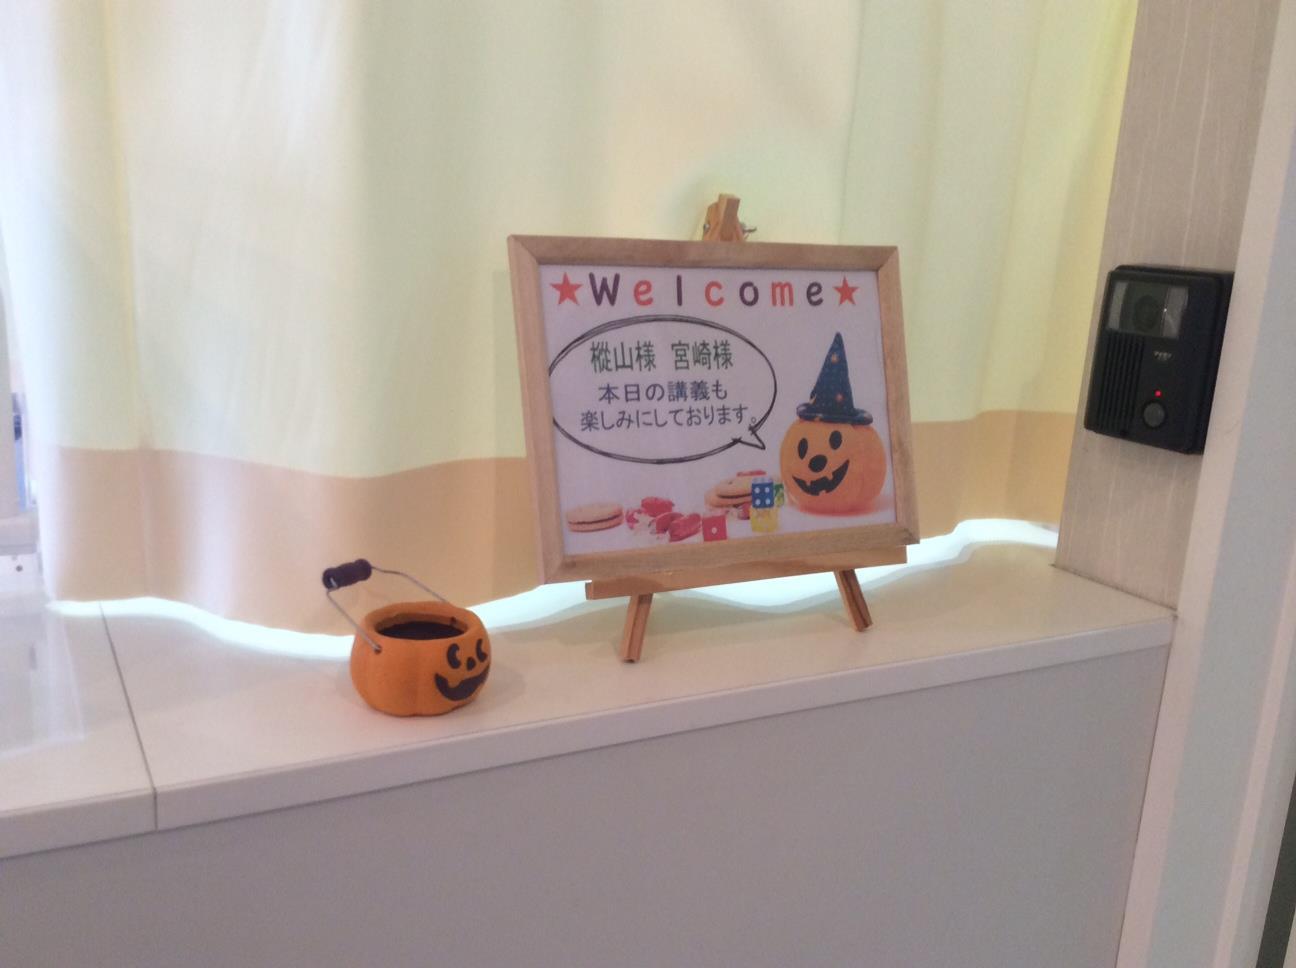 2014年10月25日 定岡歯科医院コース第3弾